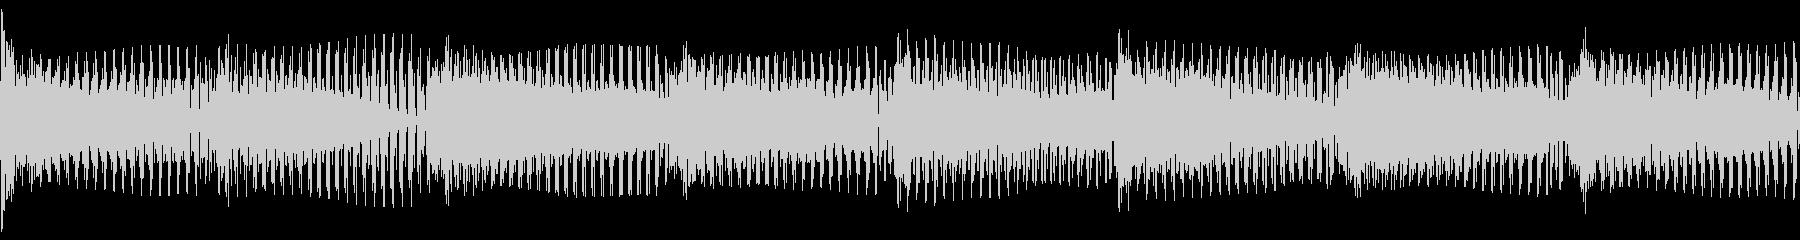 ベースピック弾き 4/4 80(ド)2の未再生の波形